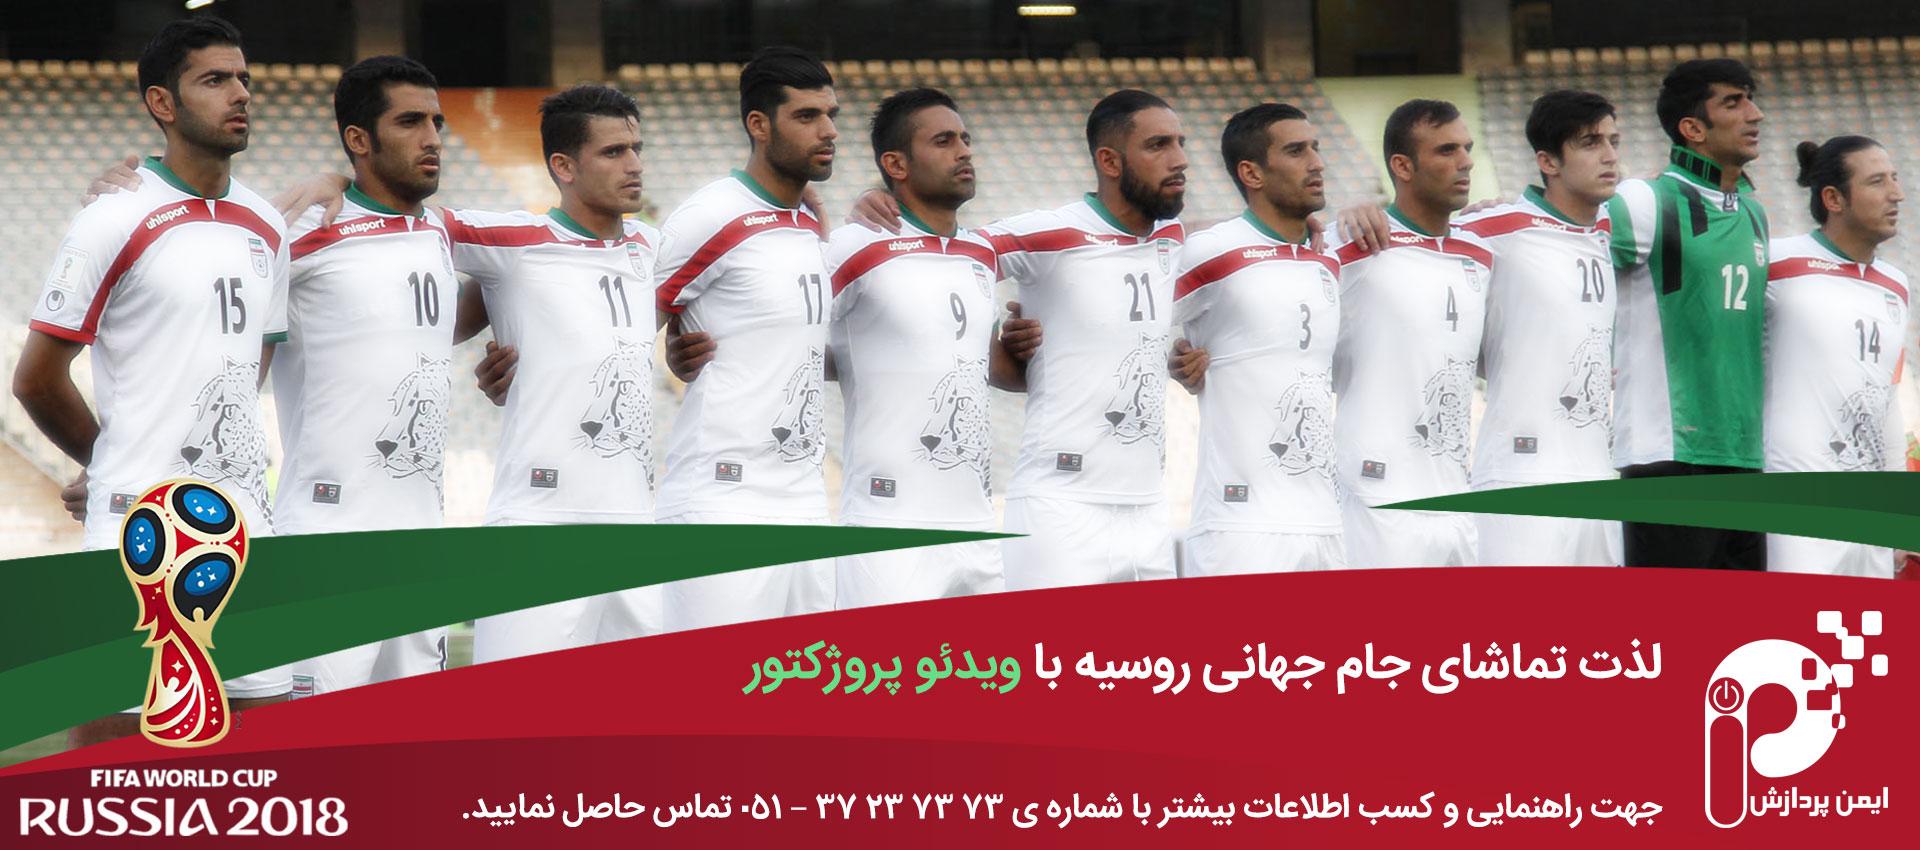 جام جهانی با ویدئو پروزکتور